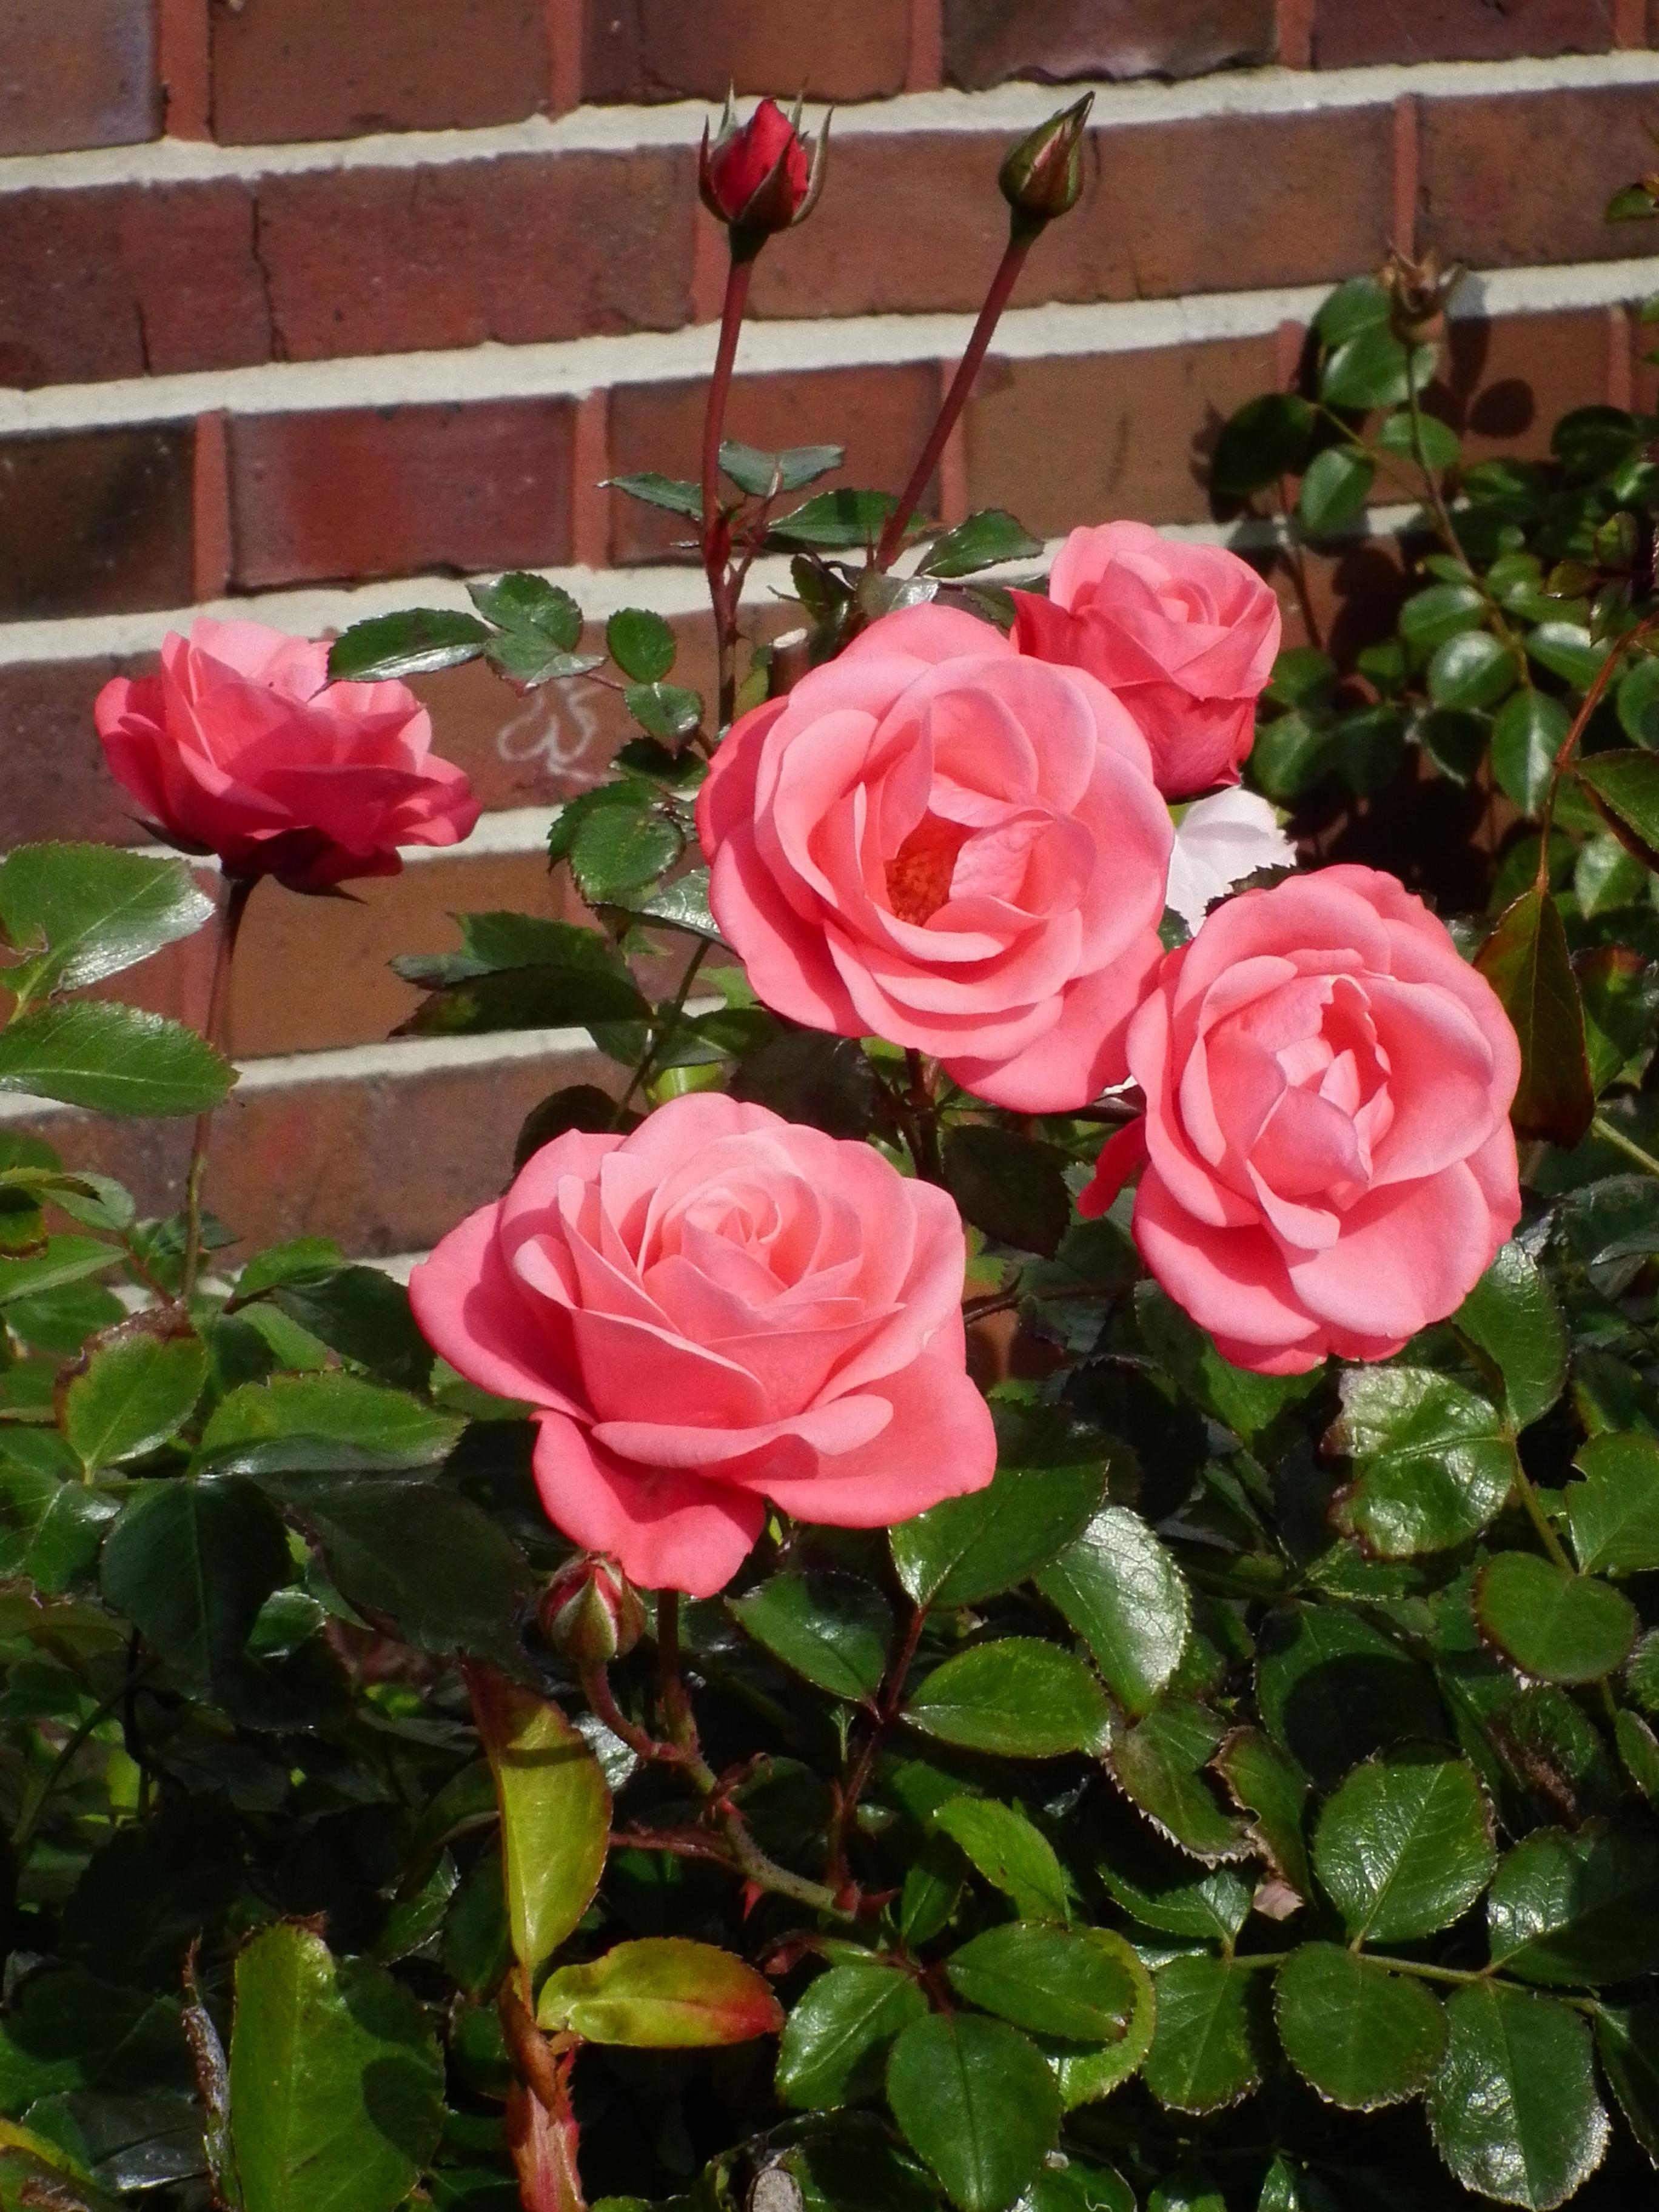 rosen rosa rosa rosen related keywords suggestions rosa rosen rosa rosen bilder rosa rosen. Black Bedroom Furniture Sets. Home Design Ideas